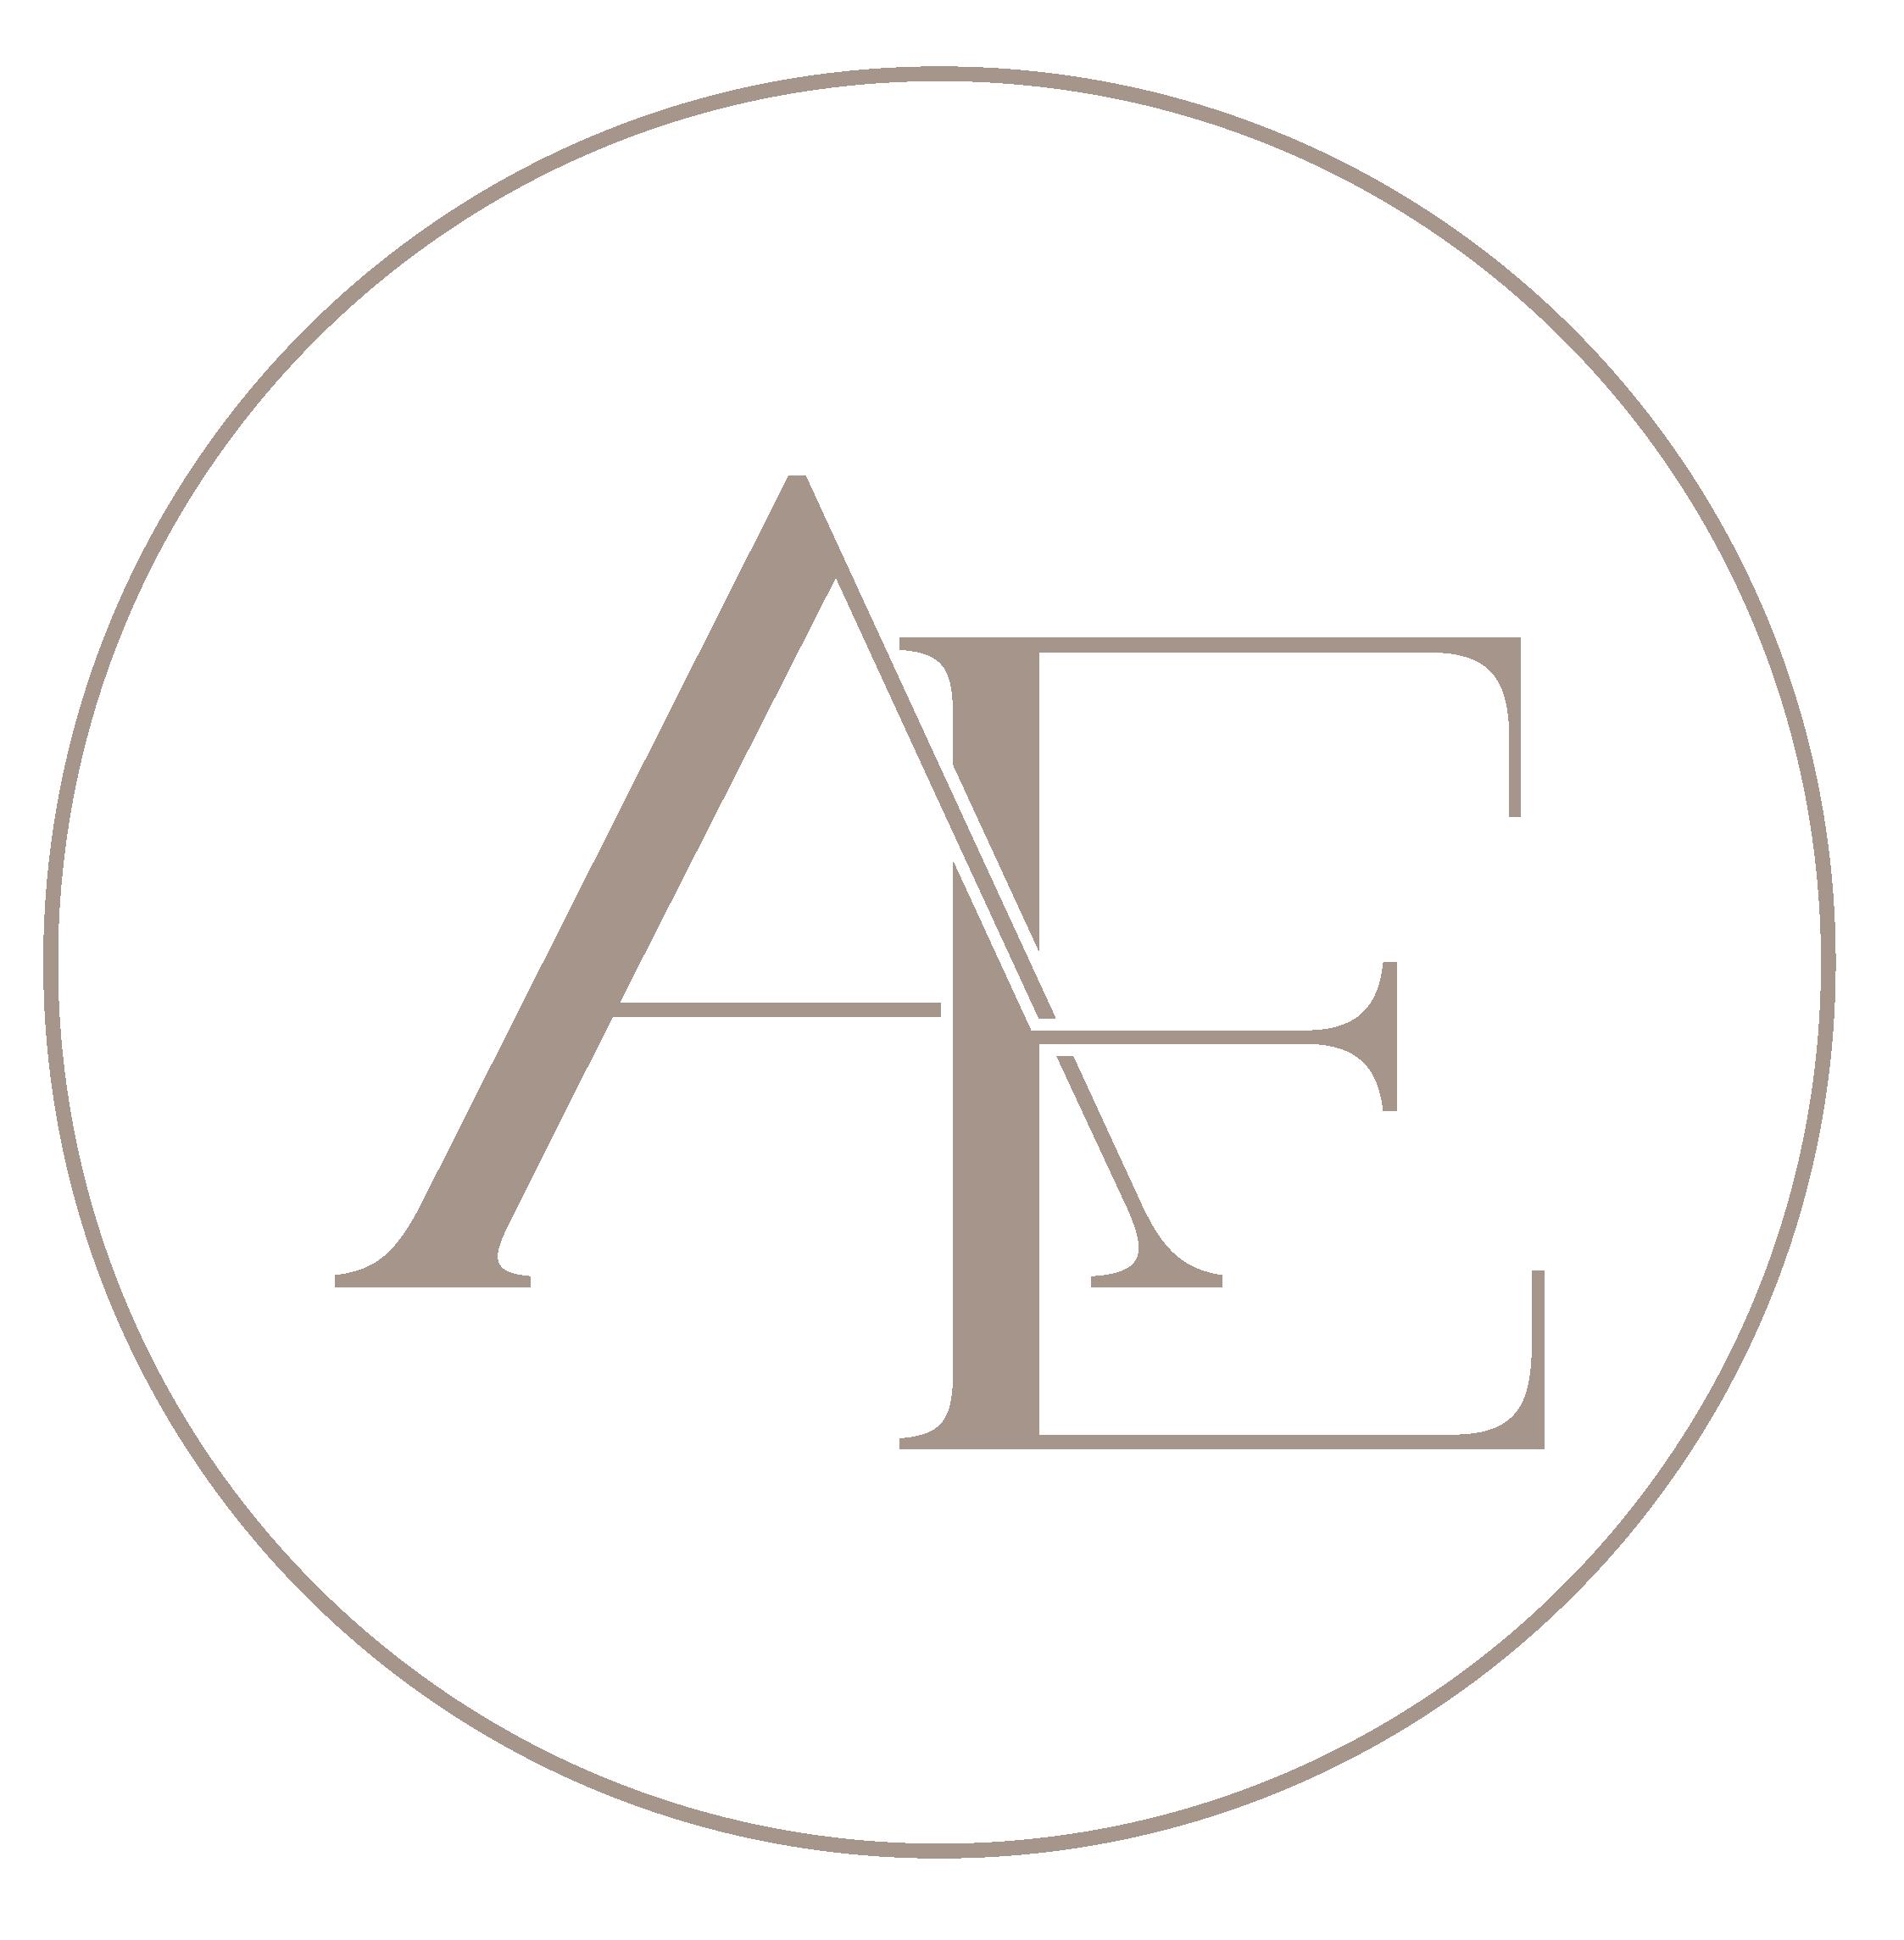 AE_INV_02-05